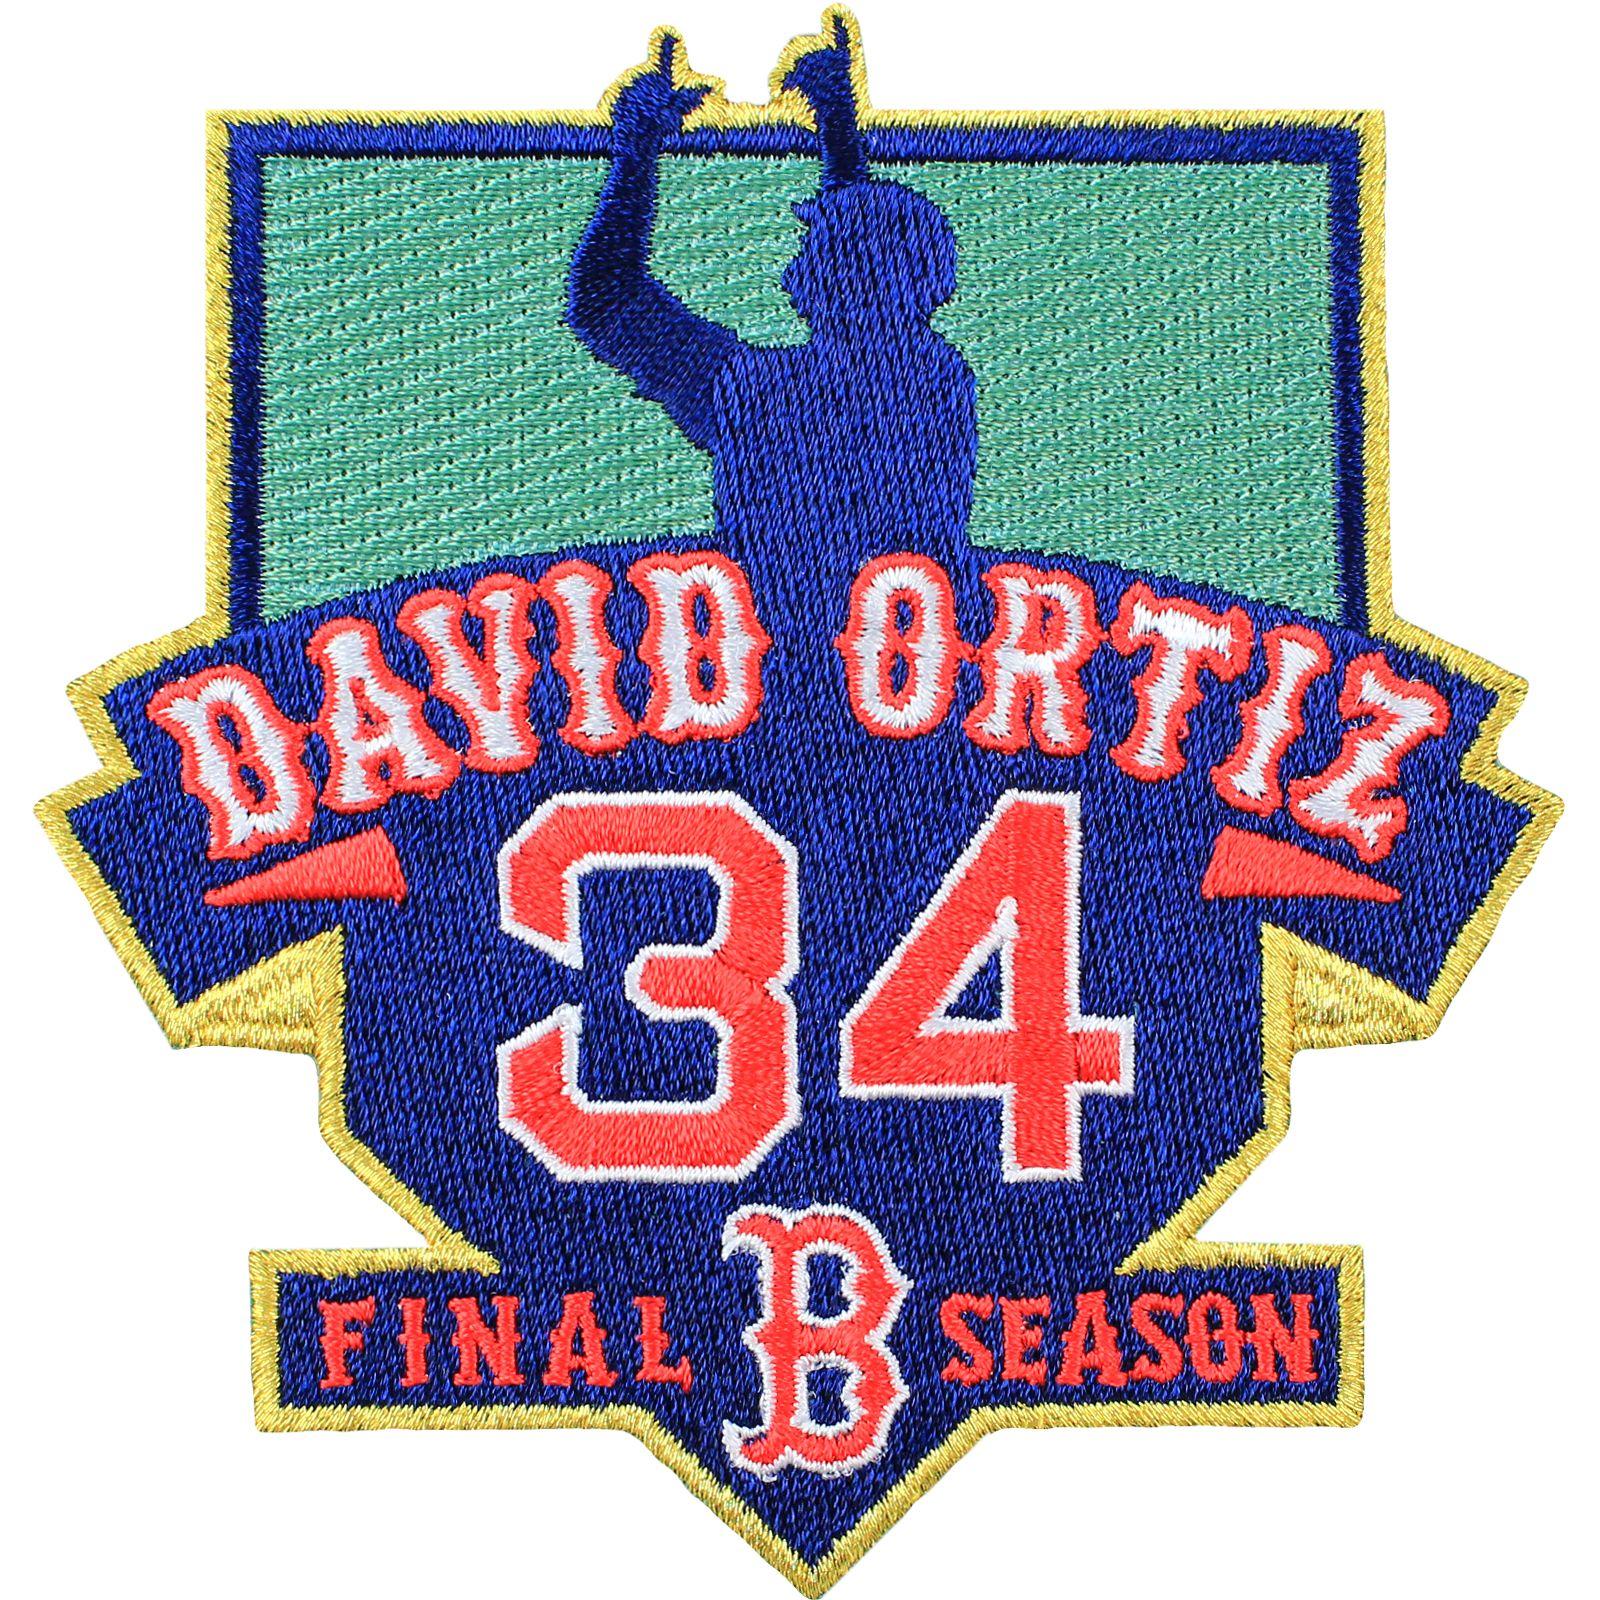 Boston red sox david ortiz 34 final season patch boston